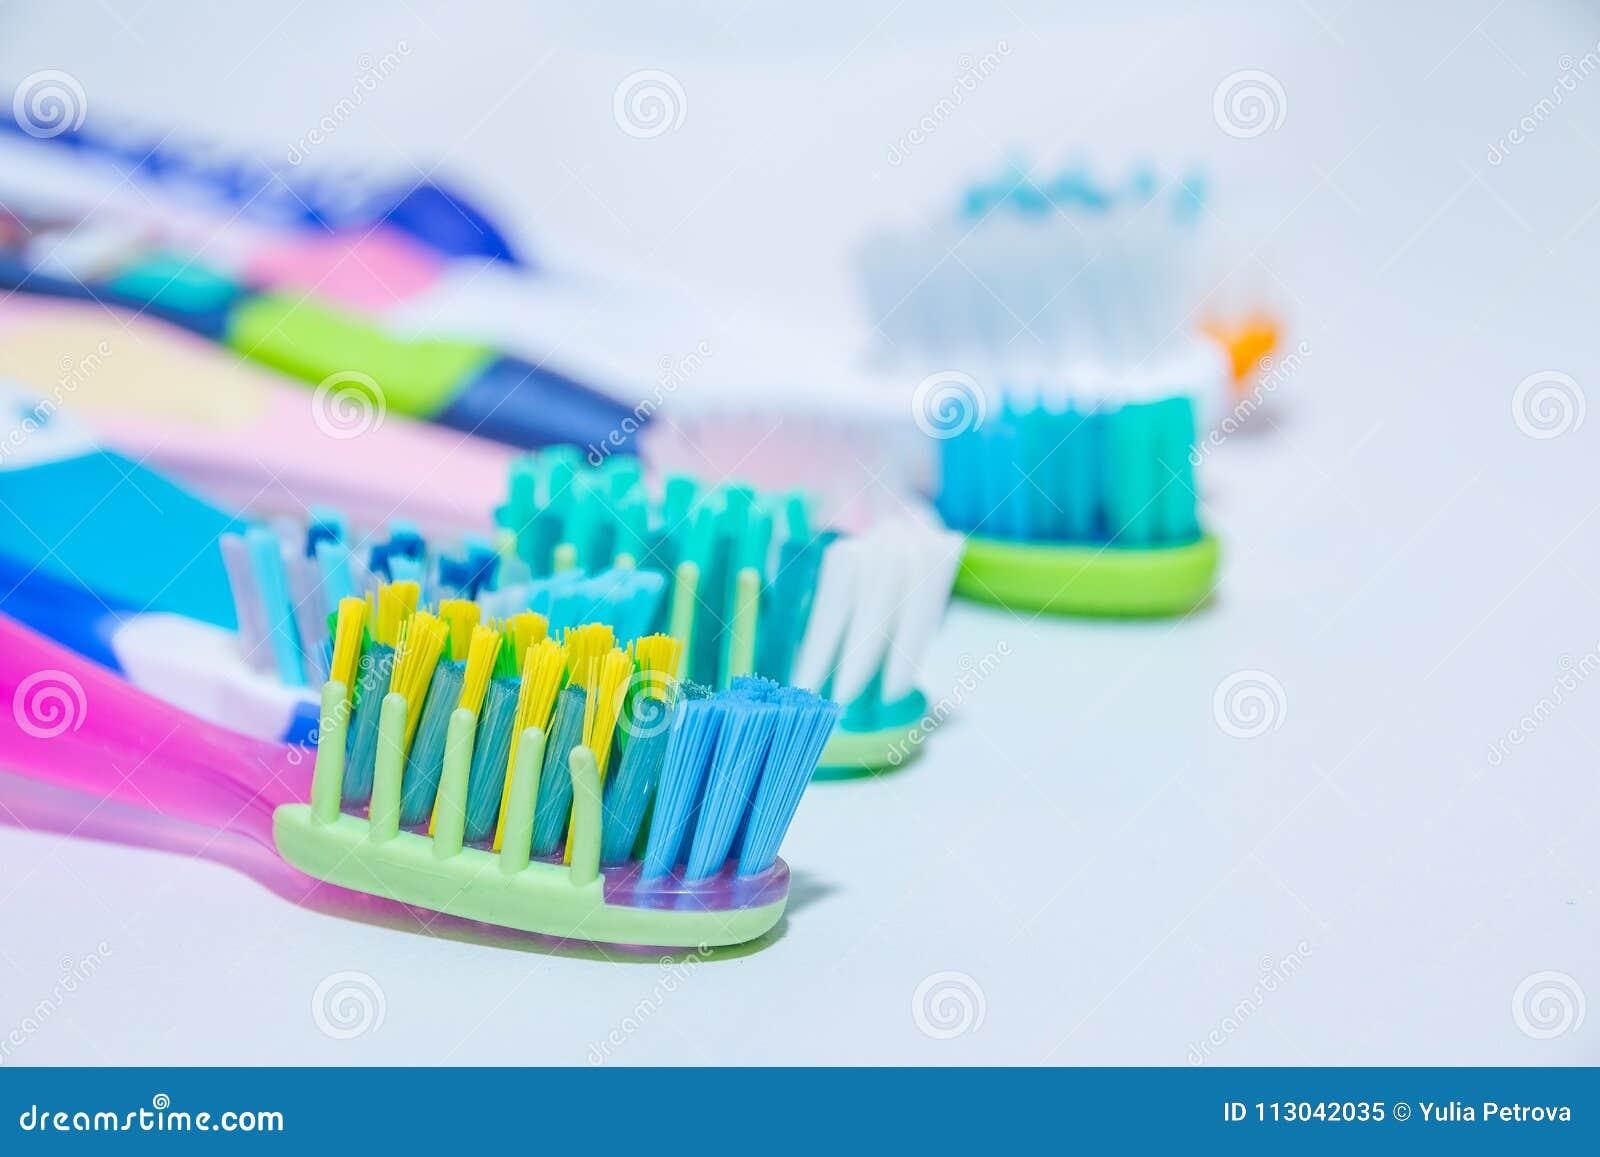 Whitening Cuidado del diente concepto sano de los dientes Nuevos cepillos de dientes ultra suaves en fila, industria dental Diver